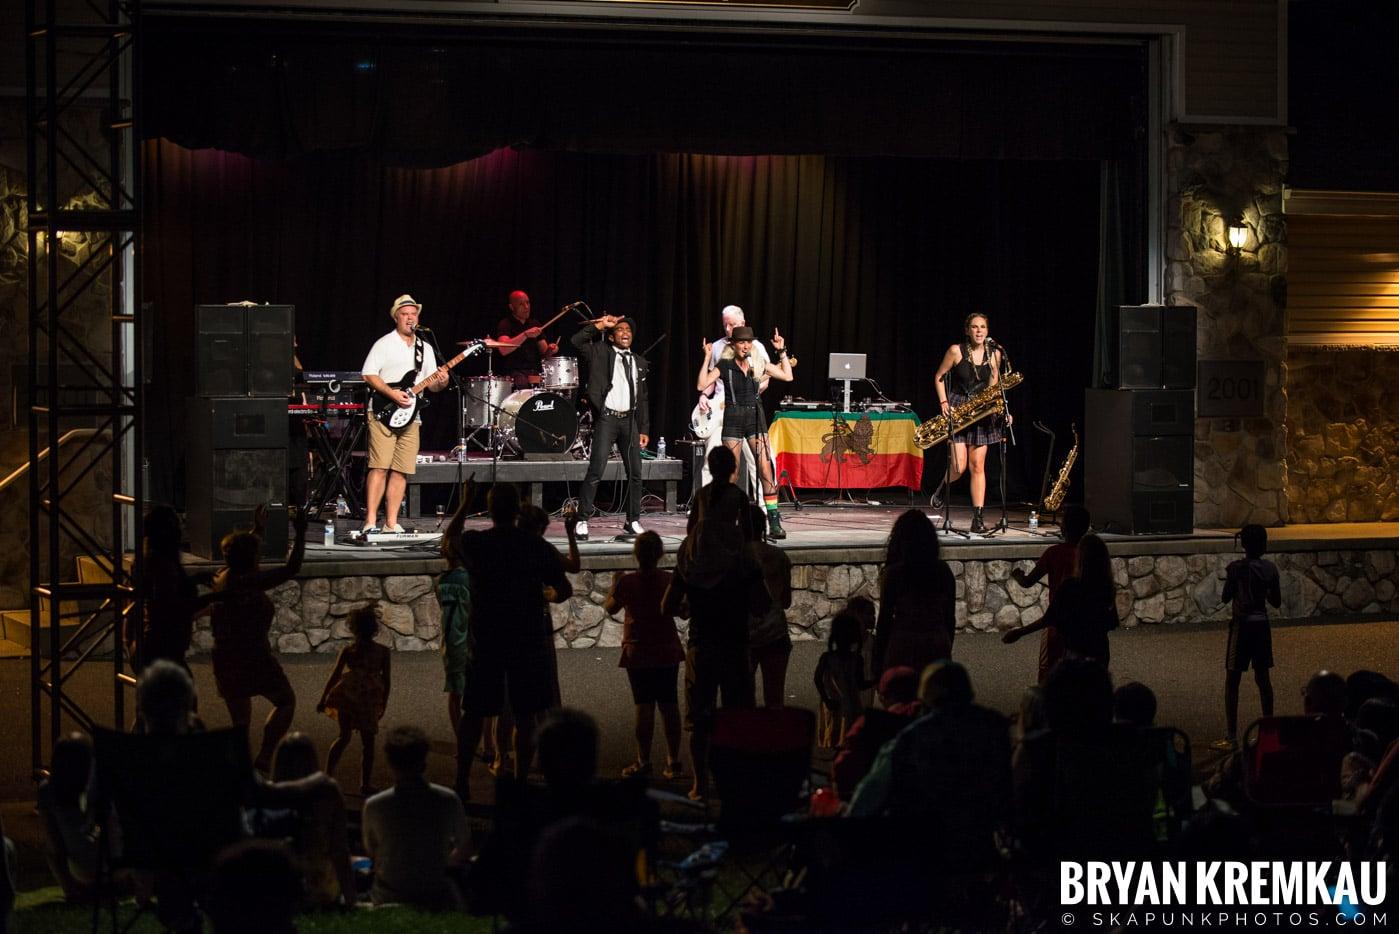 Rude Boy George @ Oskar Schindler Performing Arts Center, West Orange, NJ - 8.19.17 (31)